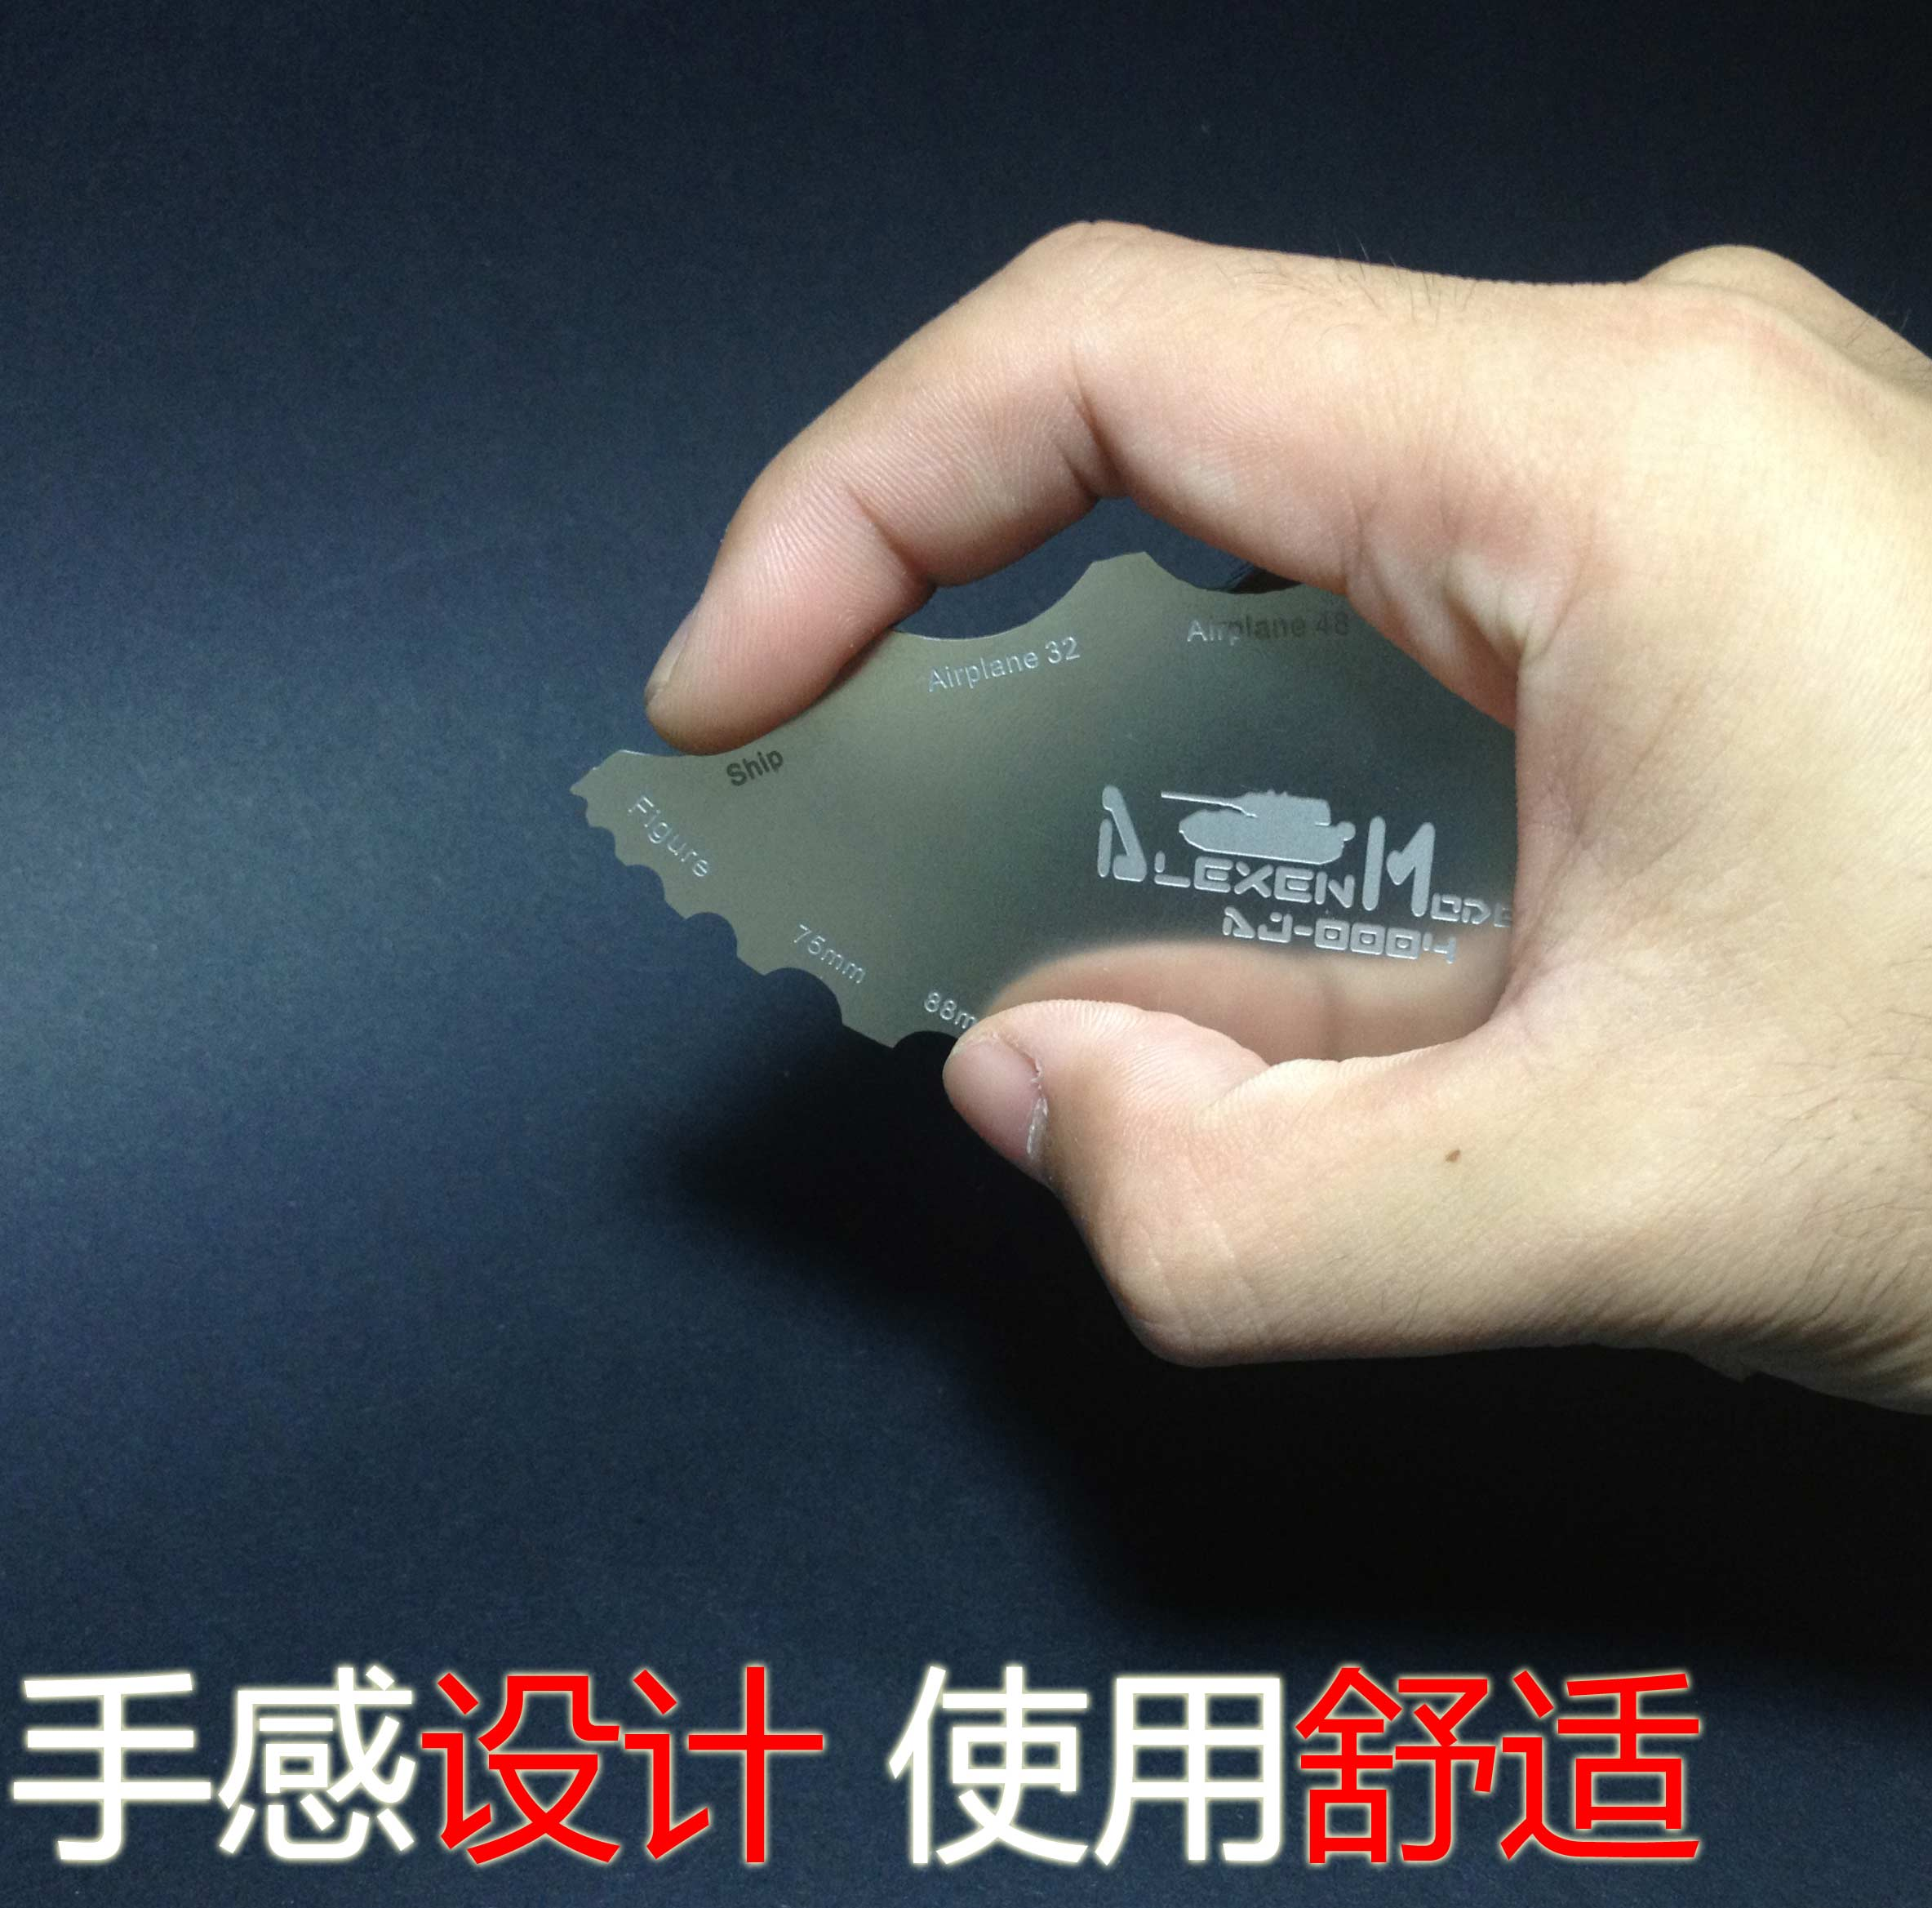 【艾烈臣品】AJ0004 军事拼装模型用 炮管合模线 模型飞边去除 0.3mm 刮削板